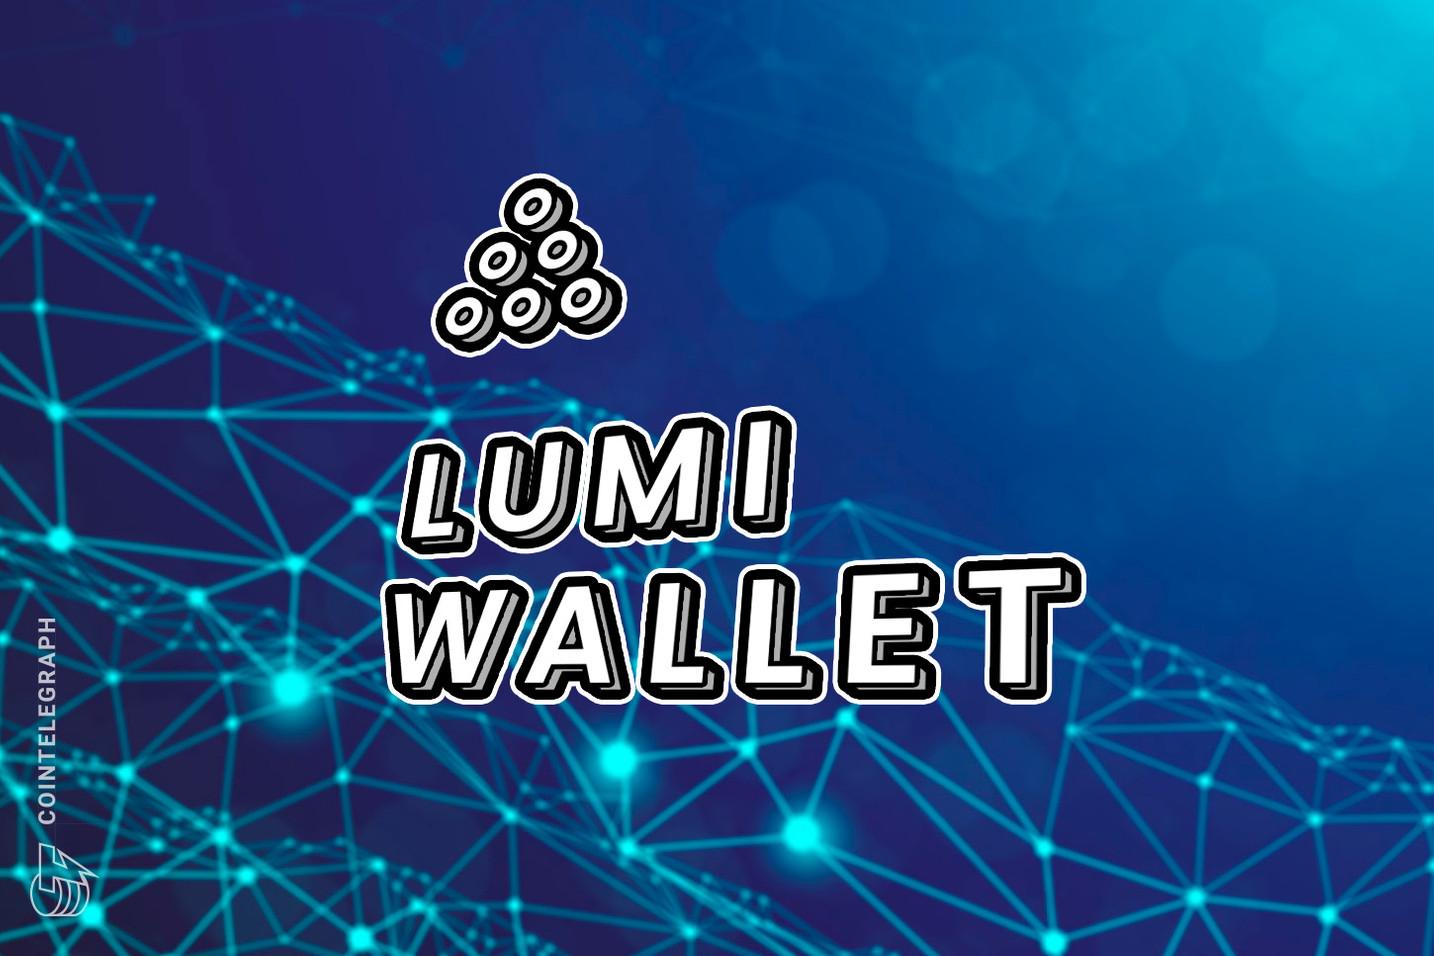 EOS Exchange in Lumi Wallet